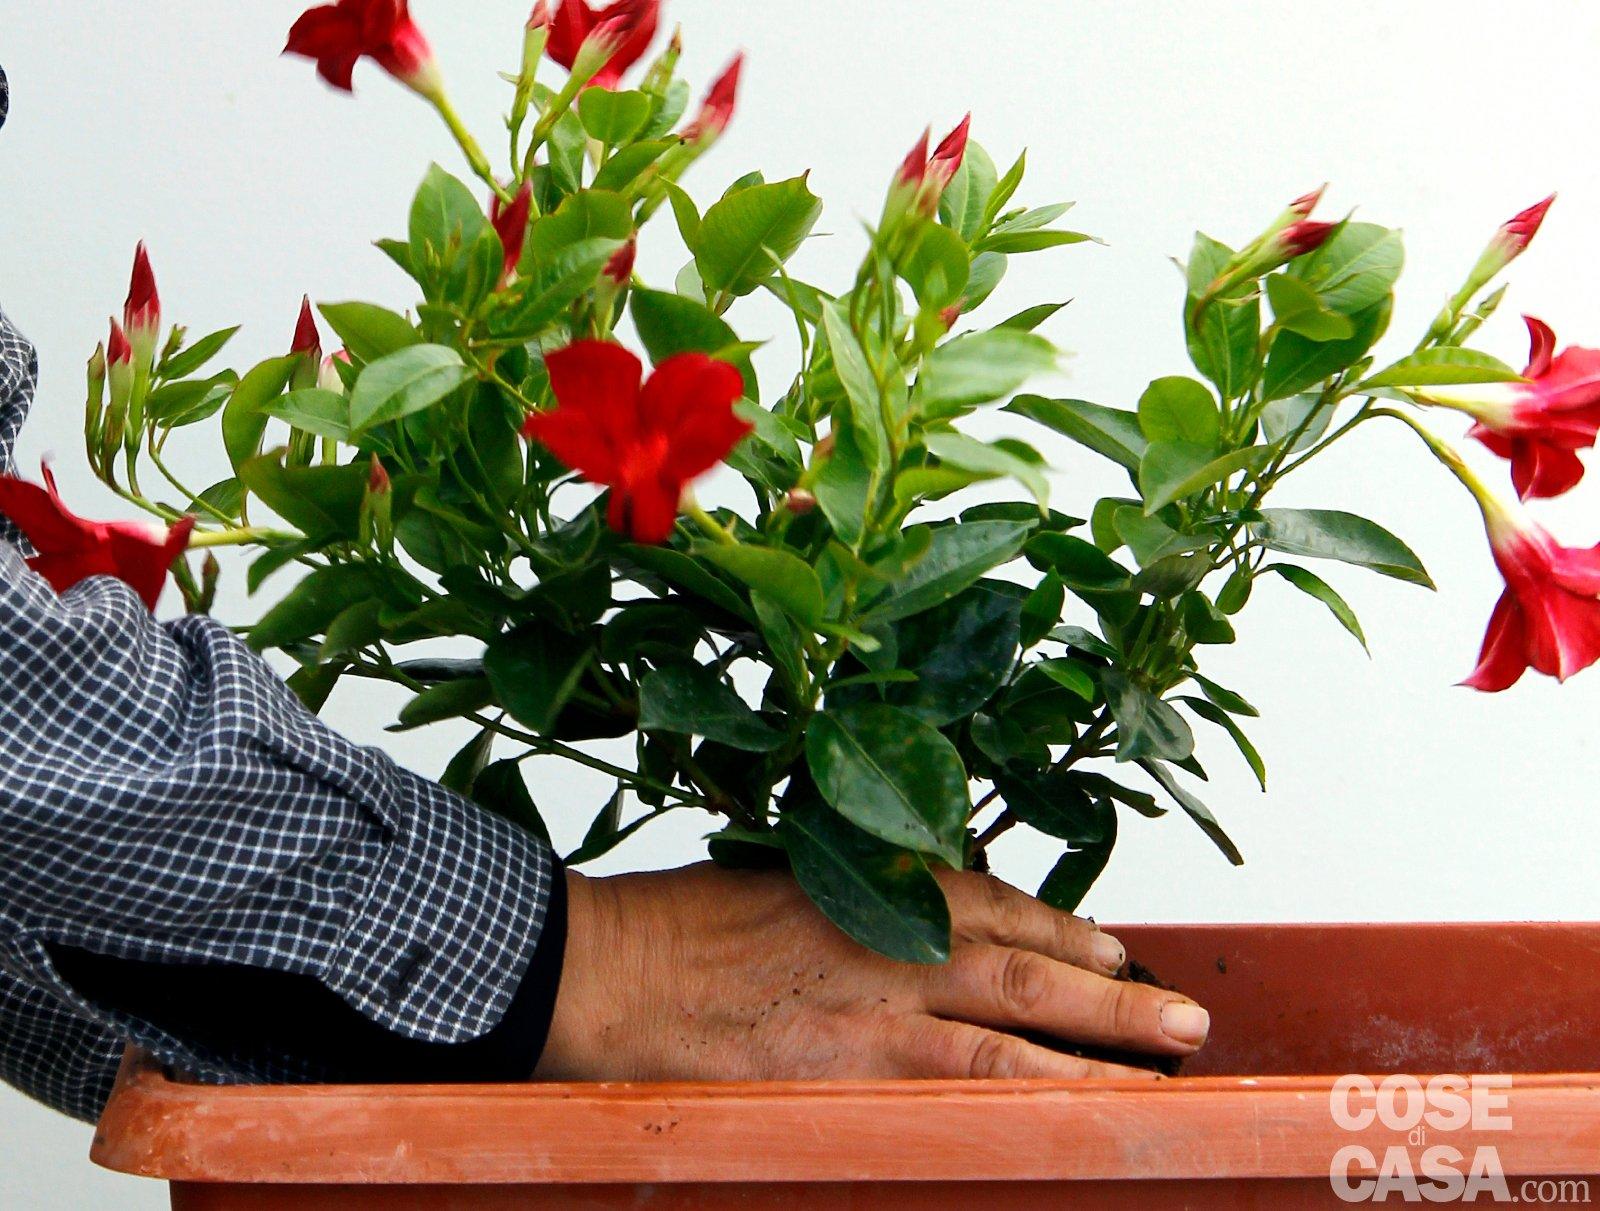 Sul davanzale una cassetta fiorita tutta lestate - Cose di Casa